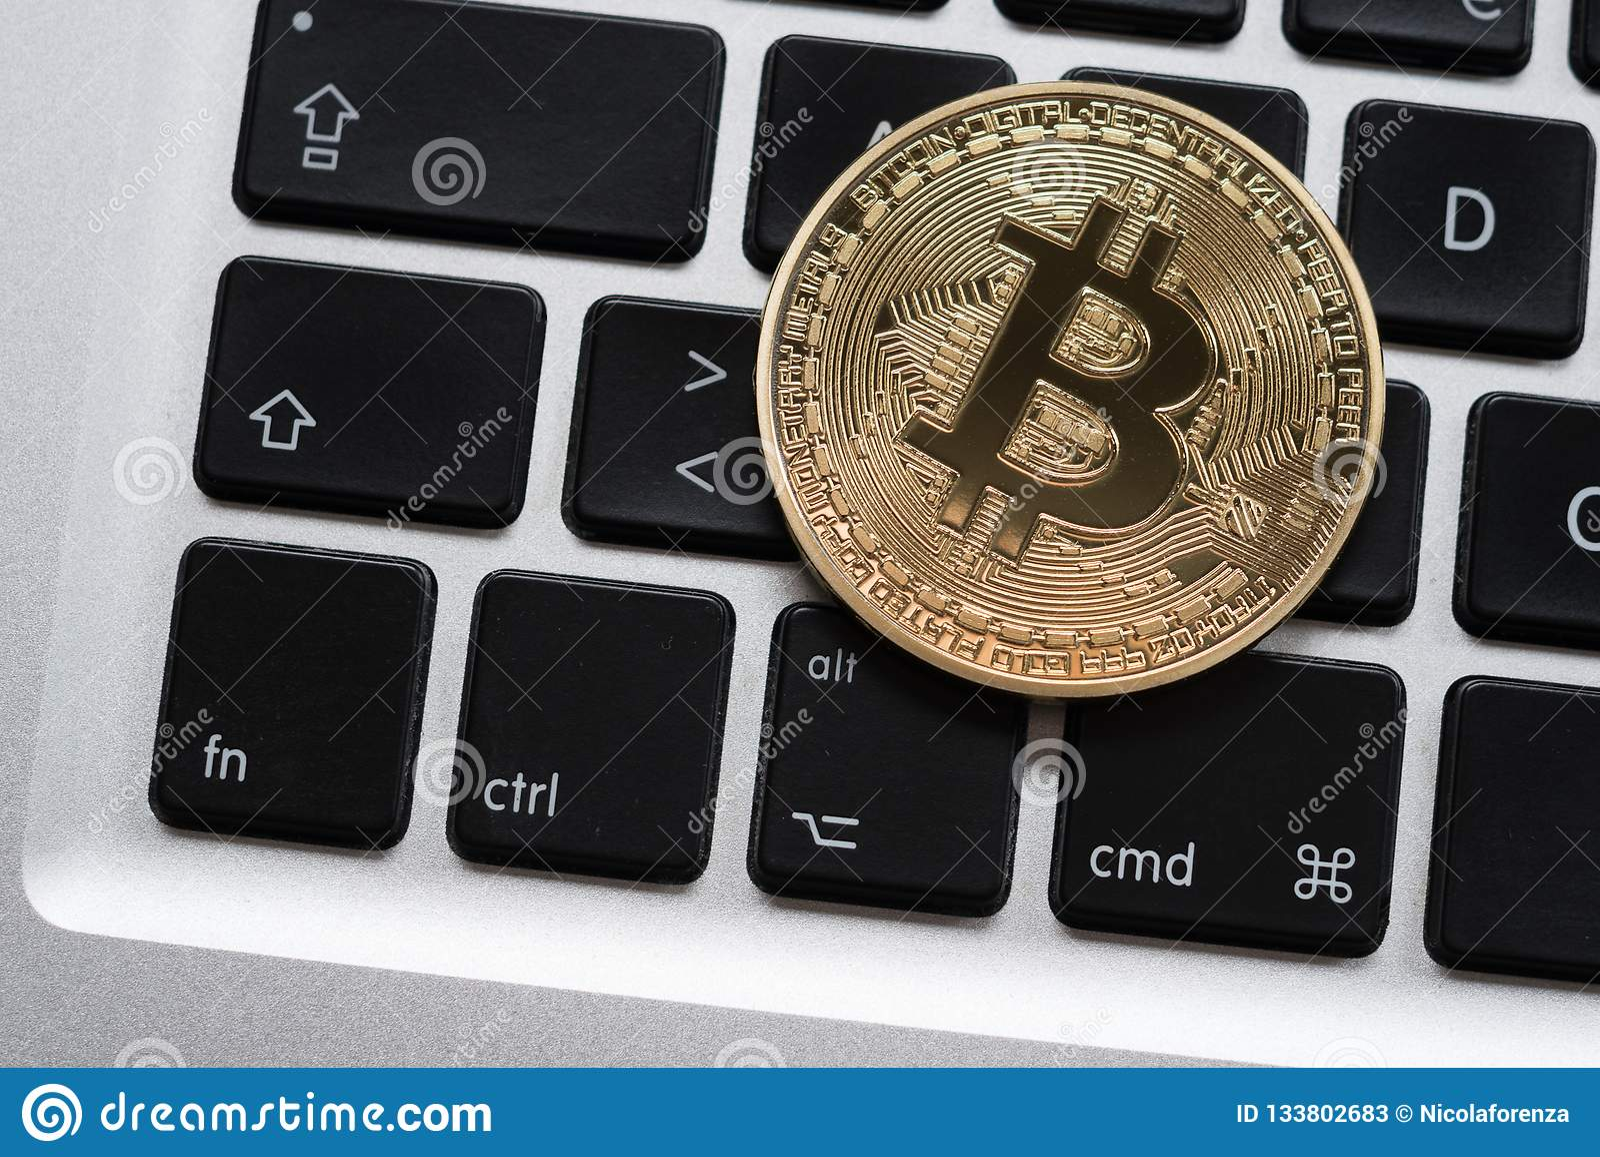 Cryptocurrency Bitcoin moneta na komputerowej laptop klawiaturze